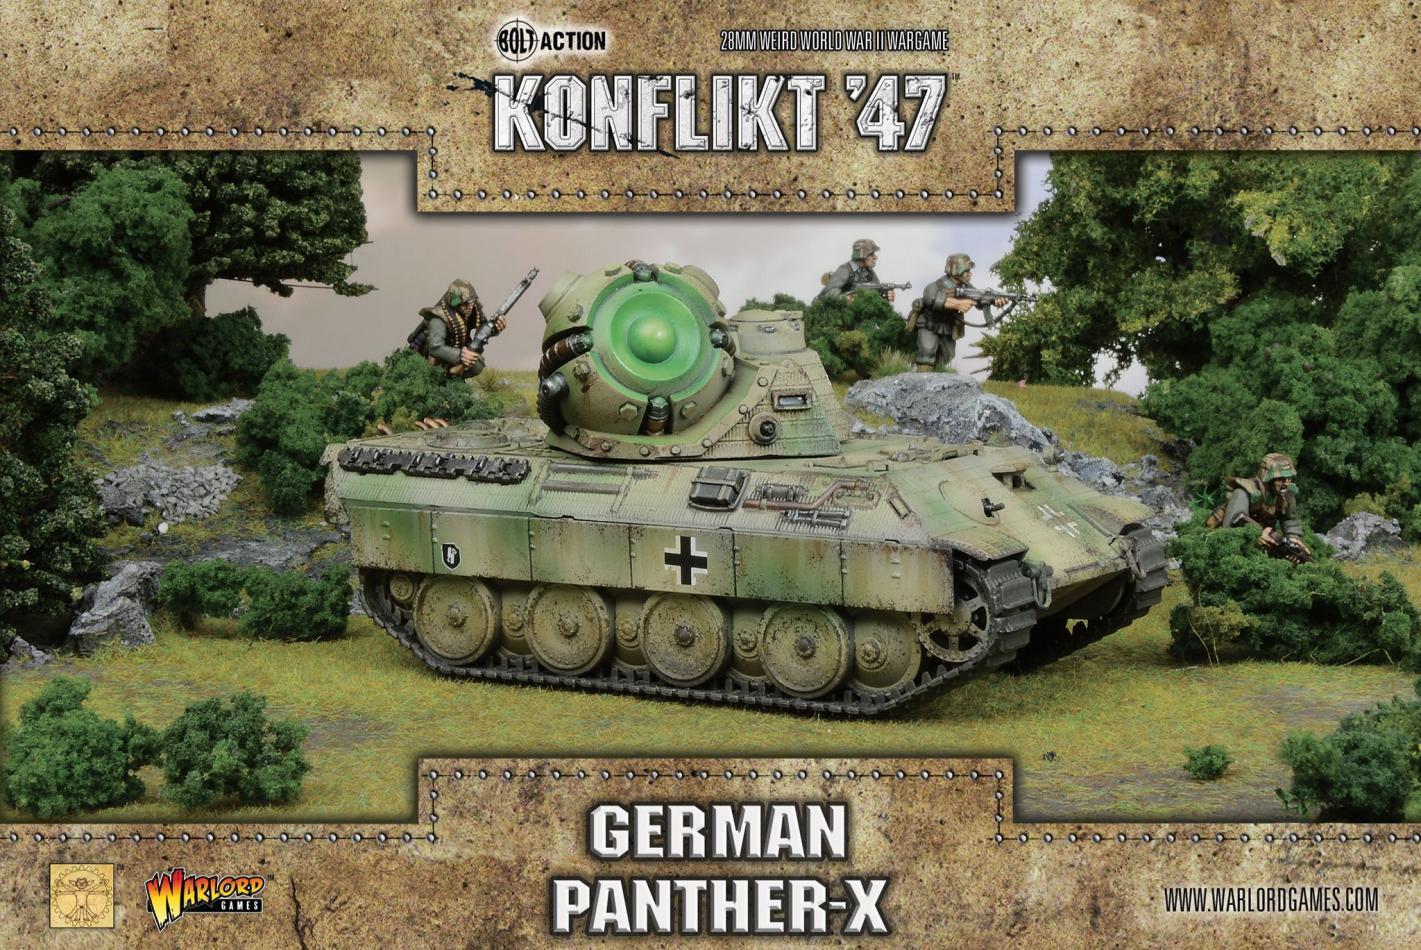 Panther-X